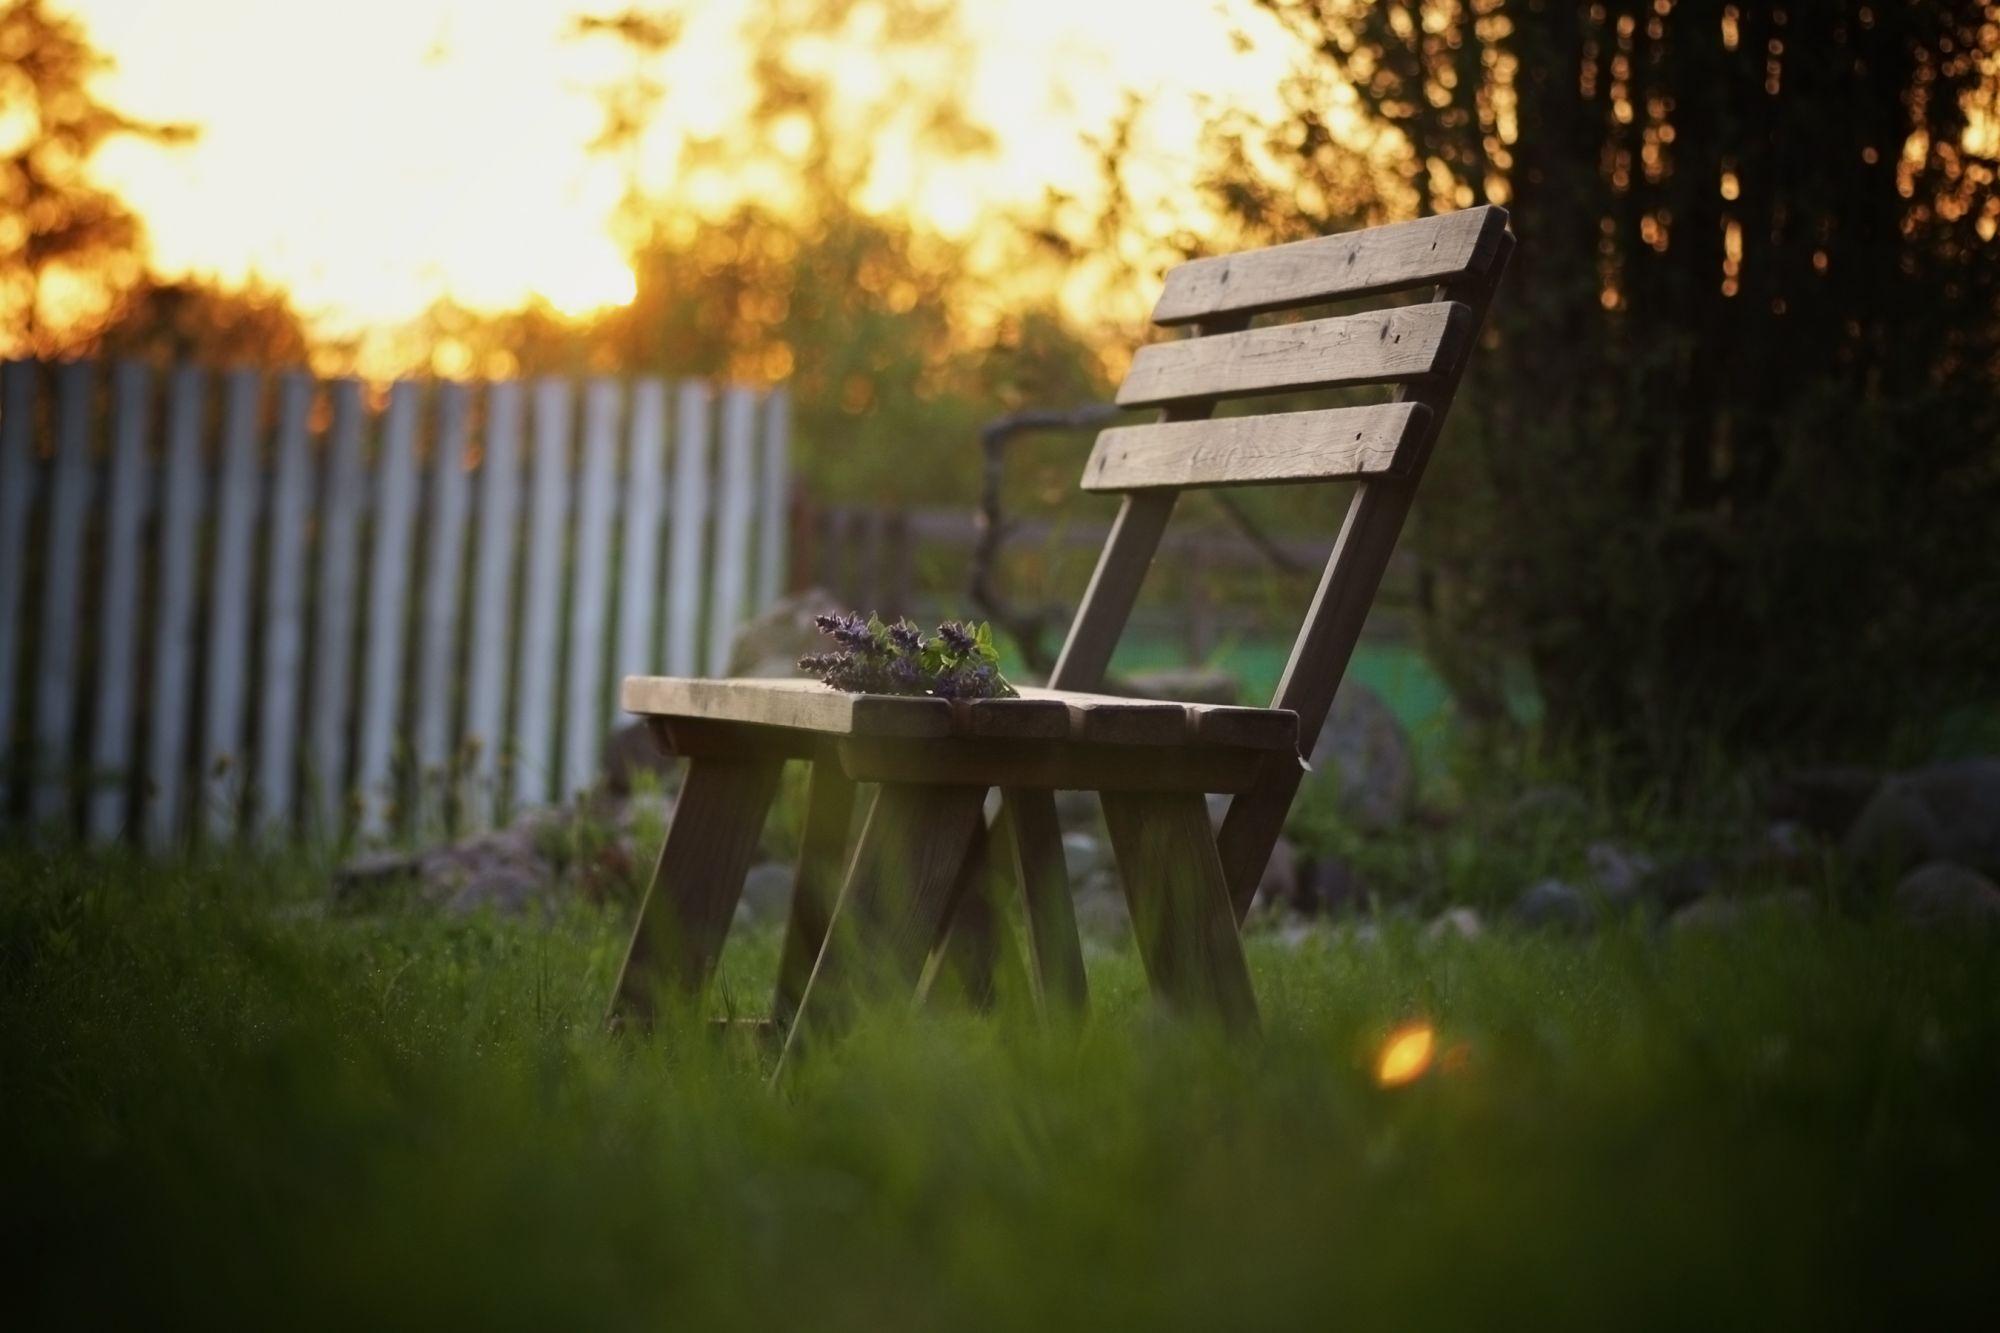 Ławka przed domem z widokiem na bieszczadzkie połoniny to marzenie wielu. Warto jednak sprawdzić, czy wymarzona działka w Bieszczadach pozwoli na jego realizację / fot. shutterstock.com